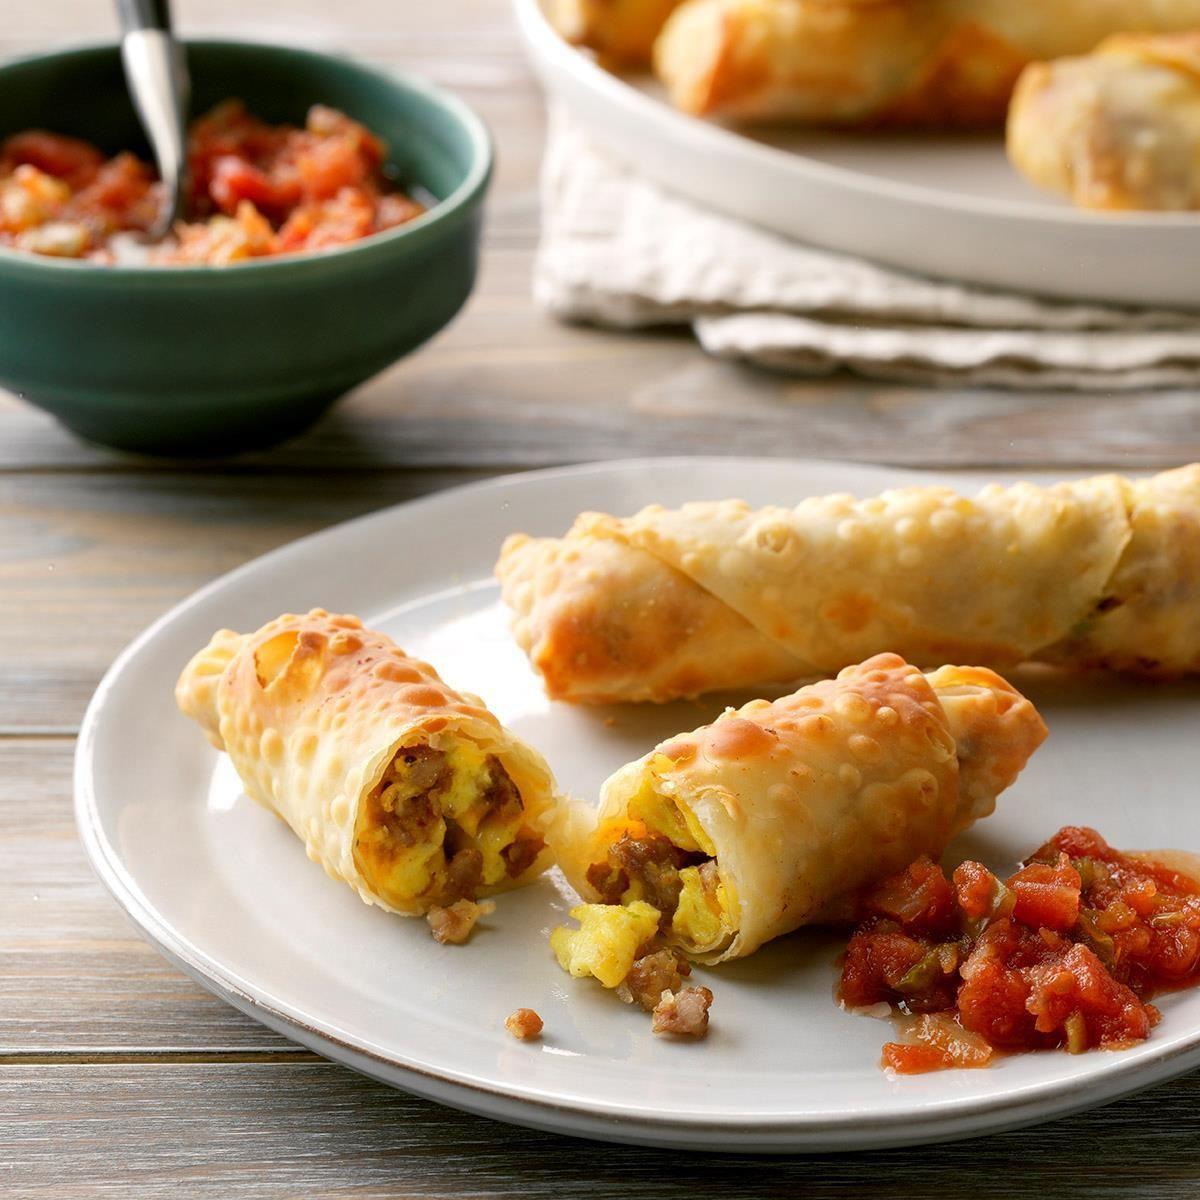 Cheesy Breakfast Egg Rolls Recipe in 2020 Air fryer